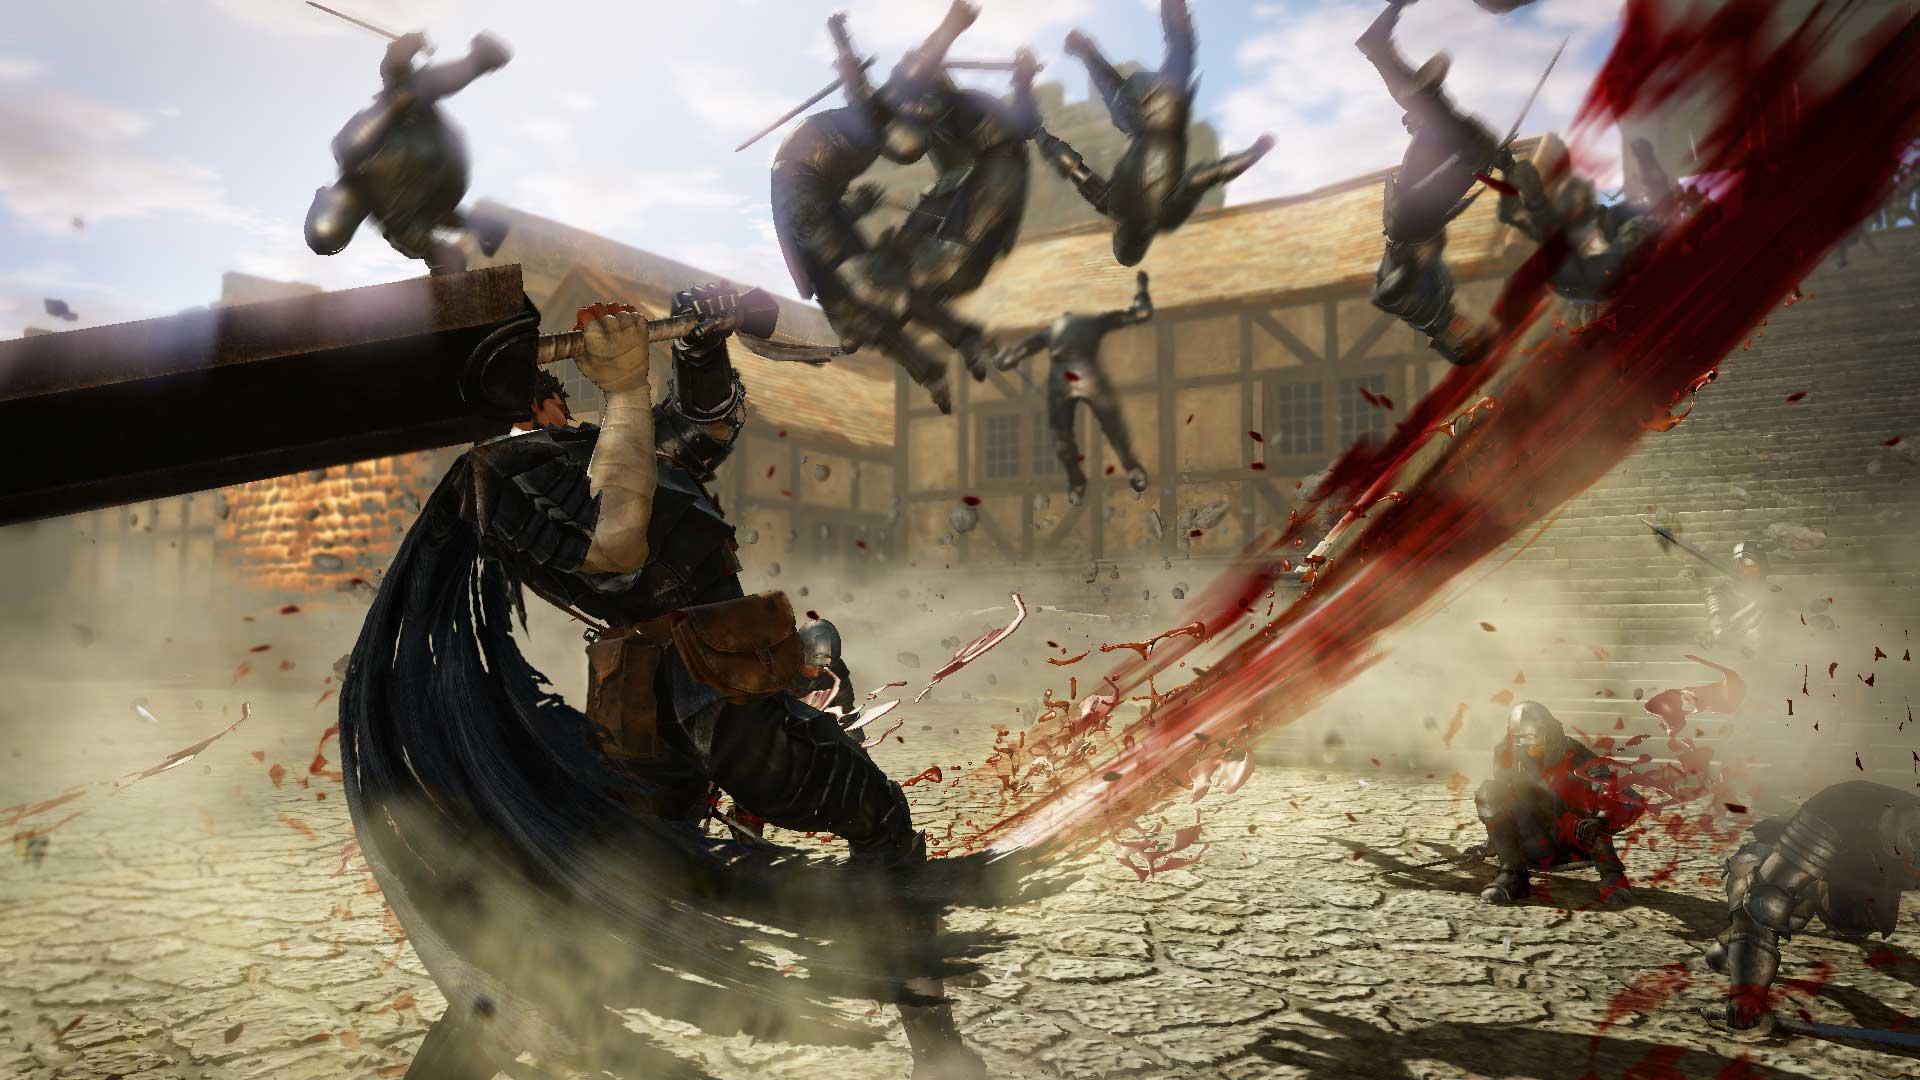 Omega Force's Berserk Gameplay Trailer Revealed